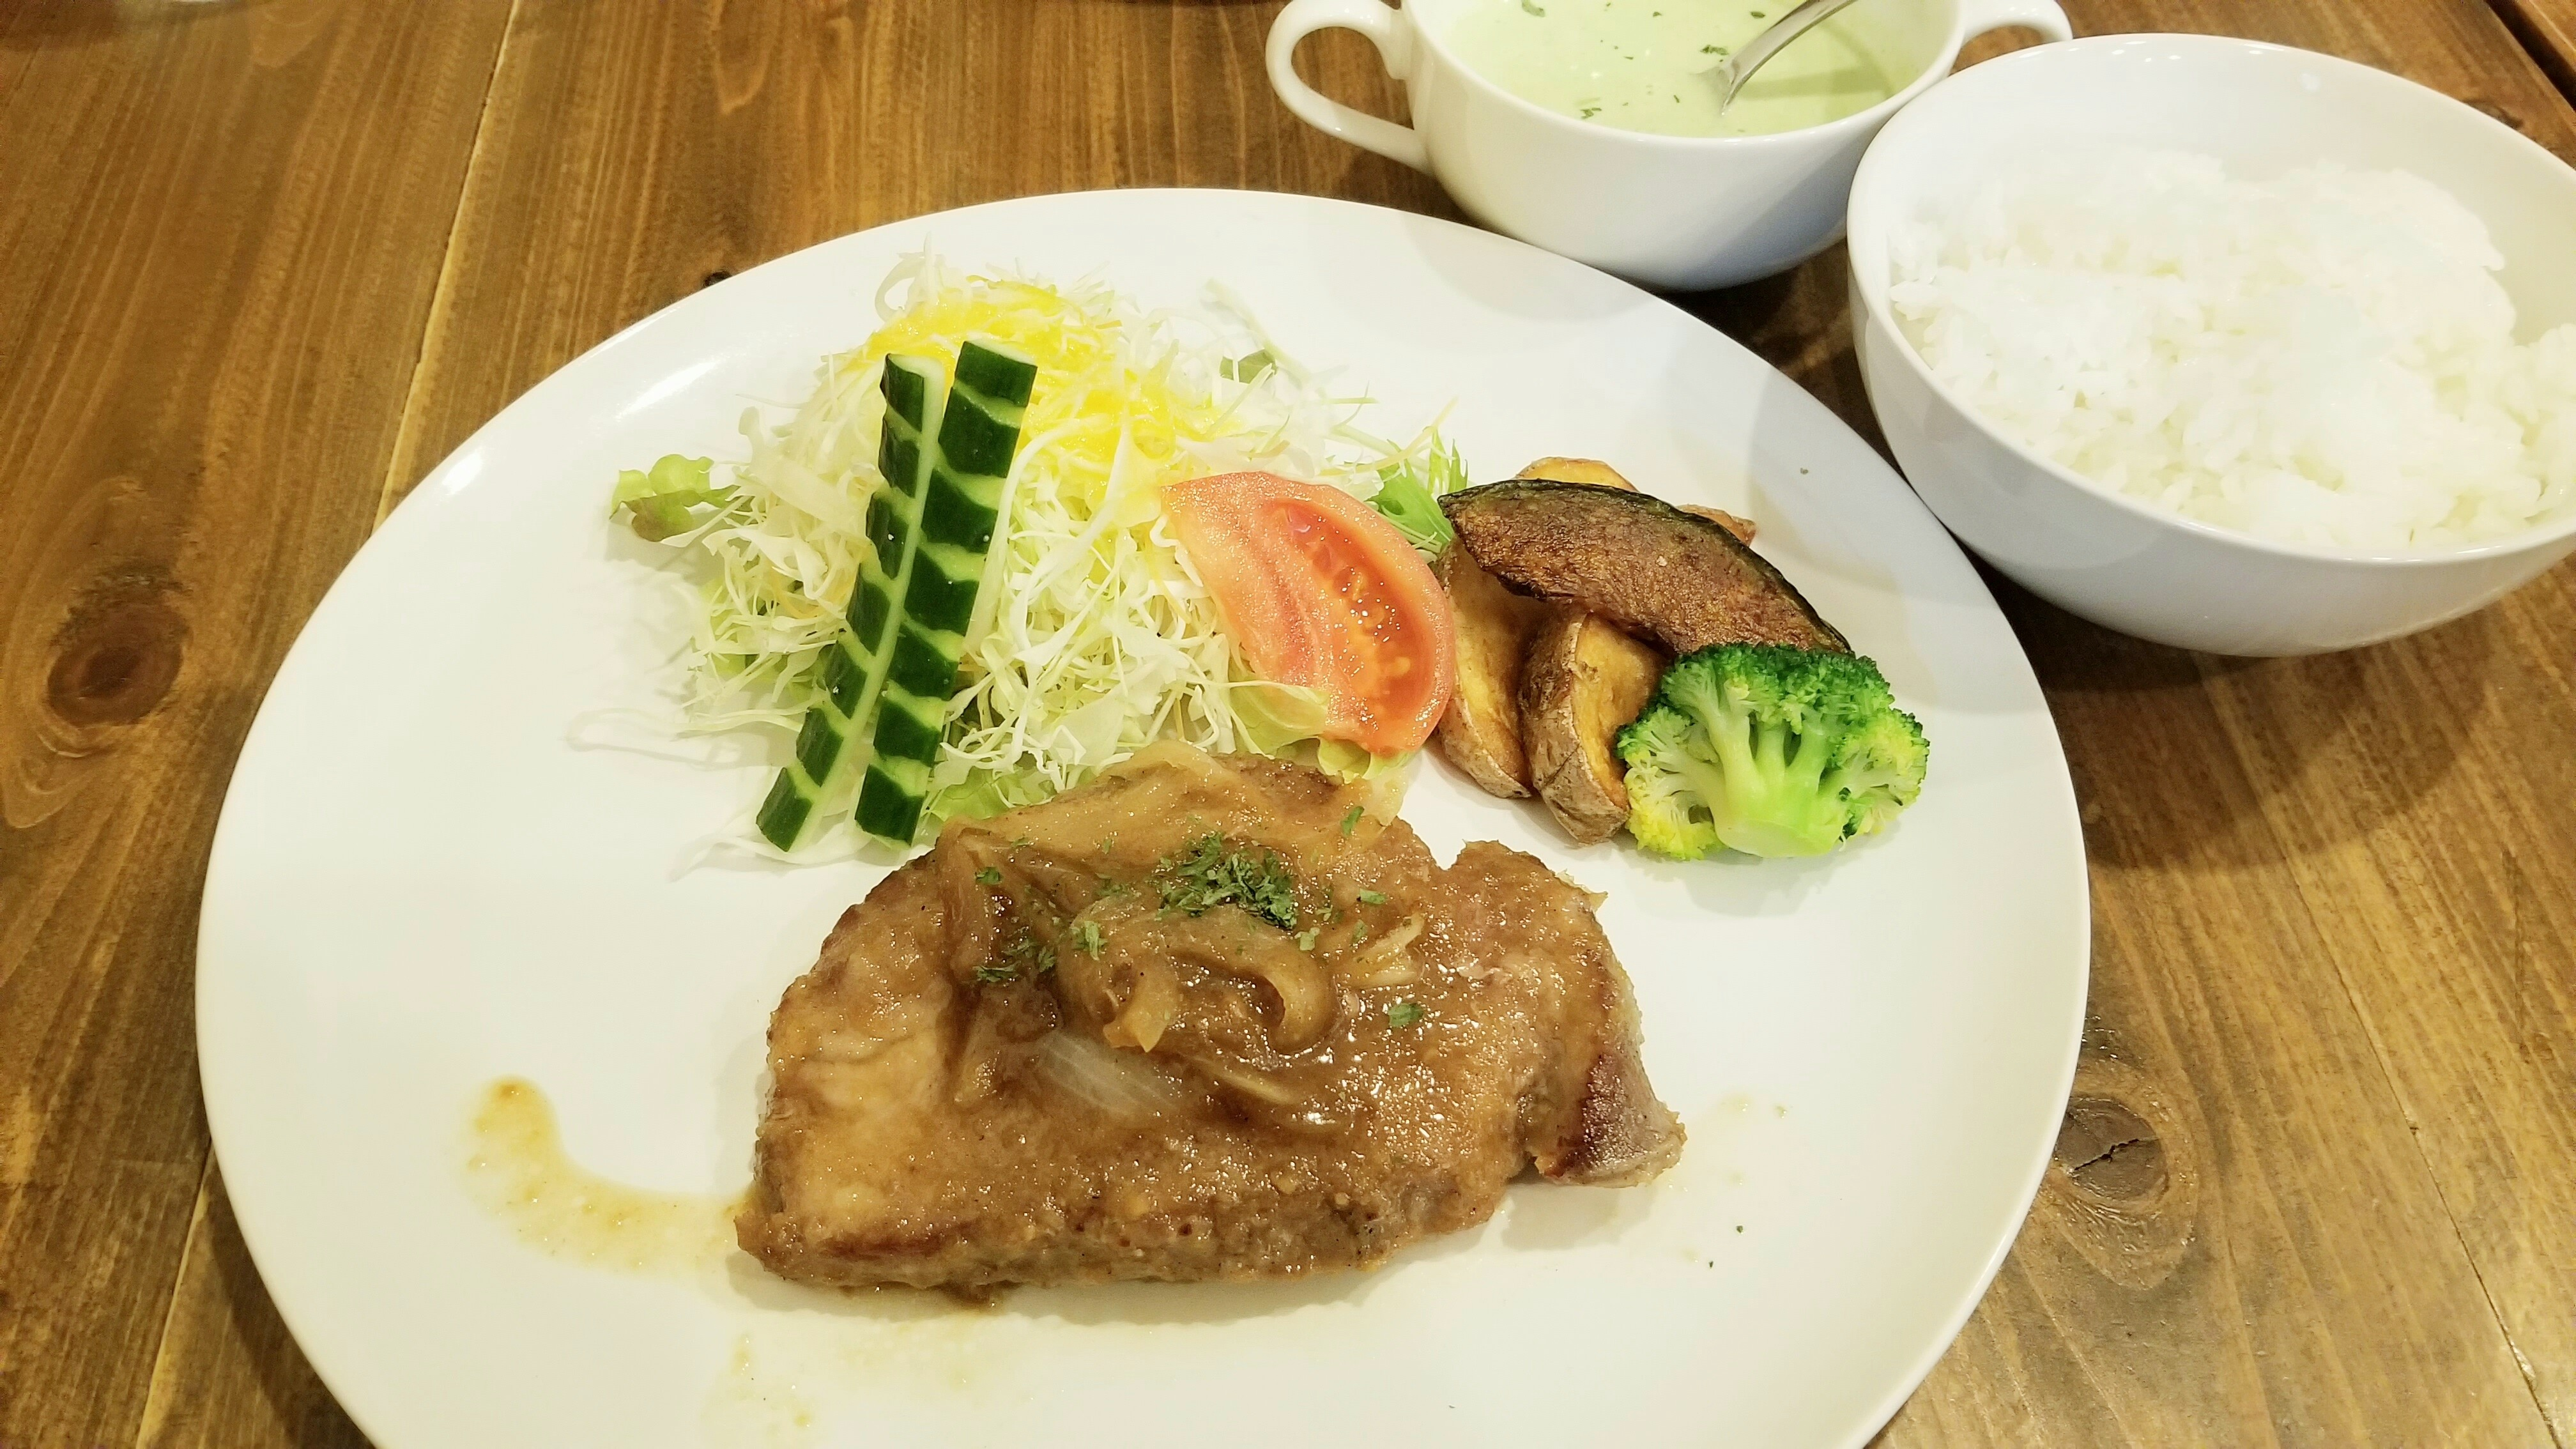 美味しい洋食屋おすすめの店ポークジンジャーステーキ愛媛県ランチ